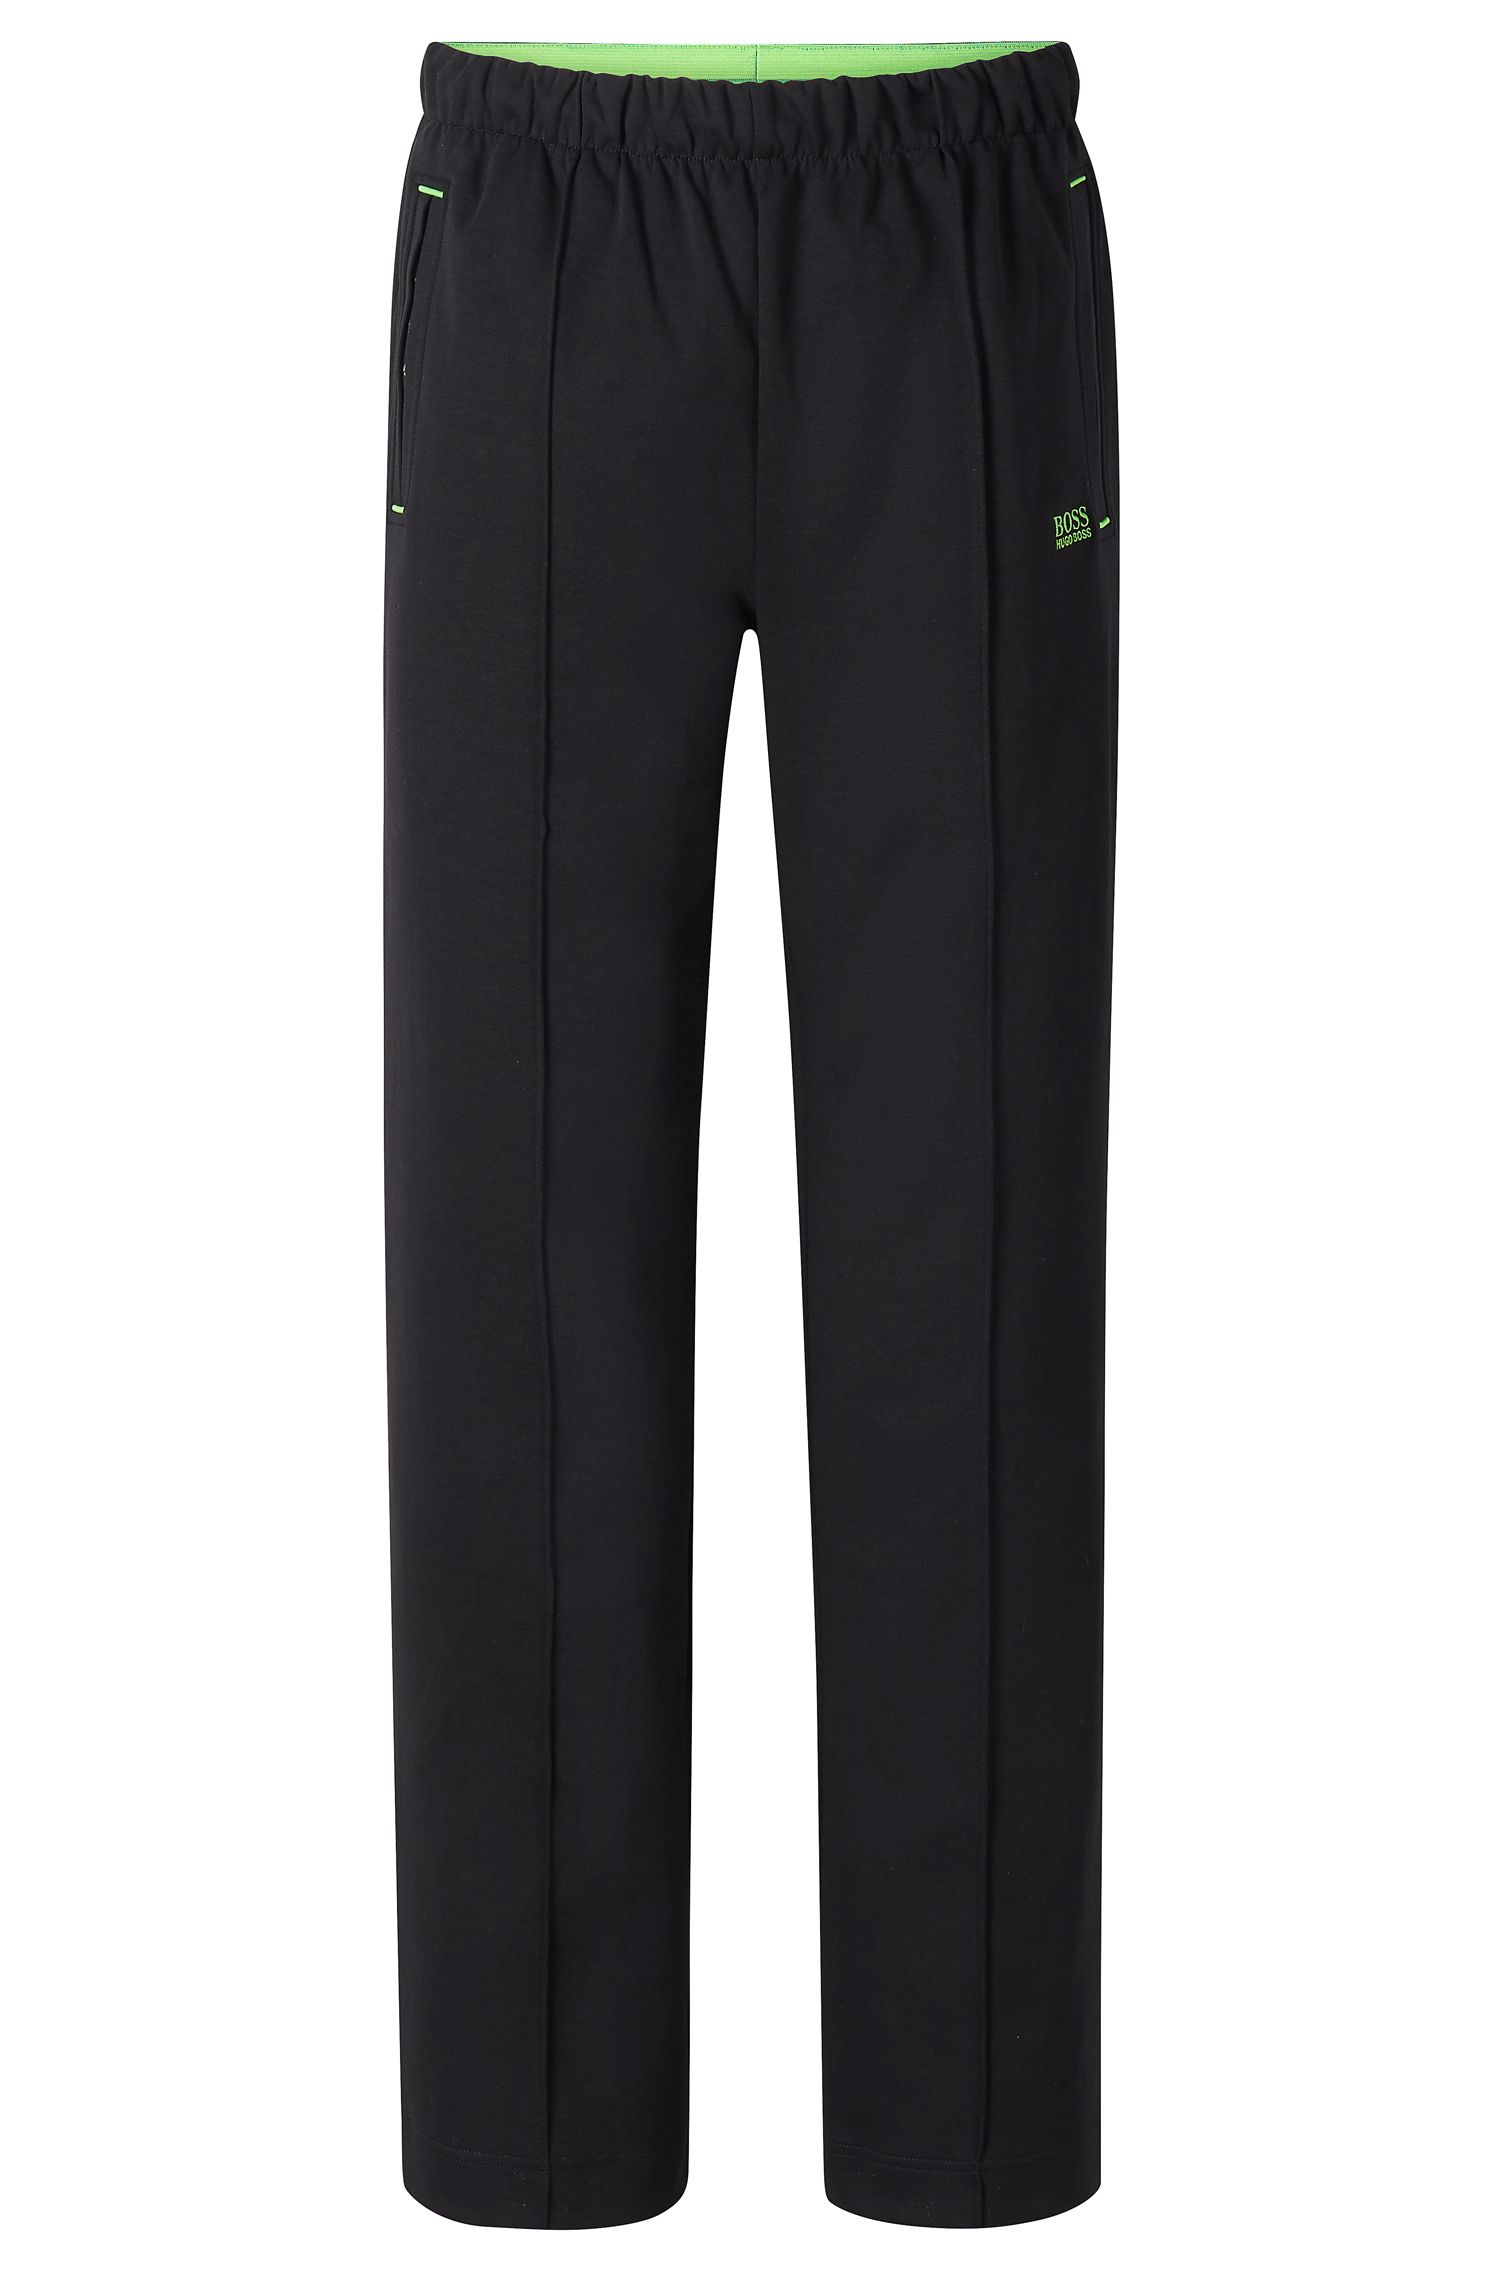 'Hainey US' | Cotton Blend Sweatpants